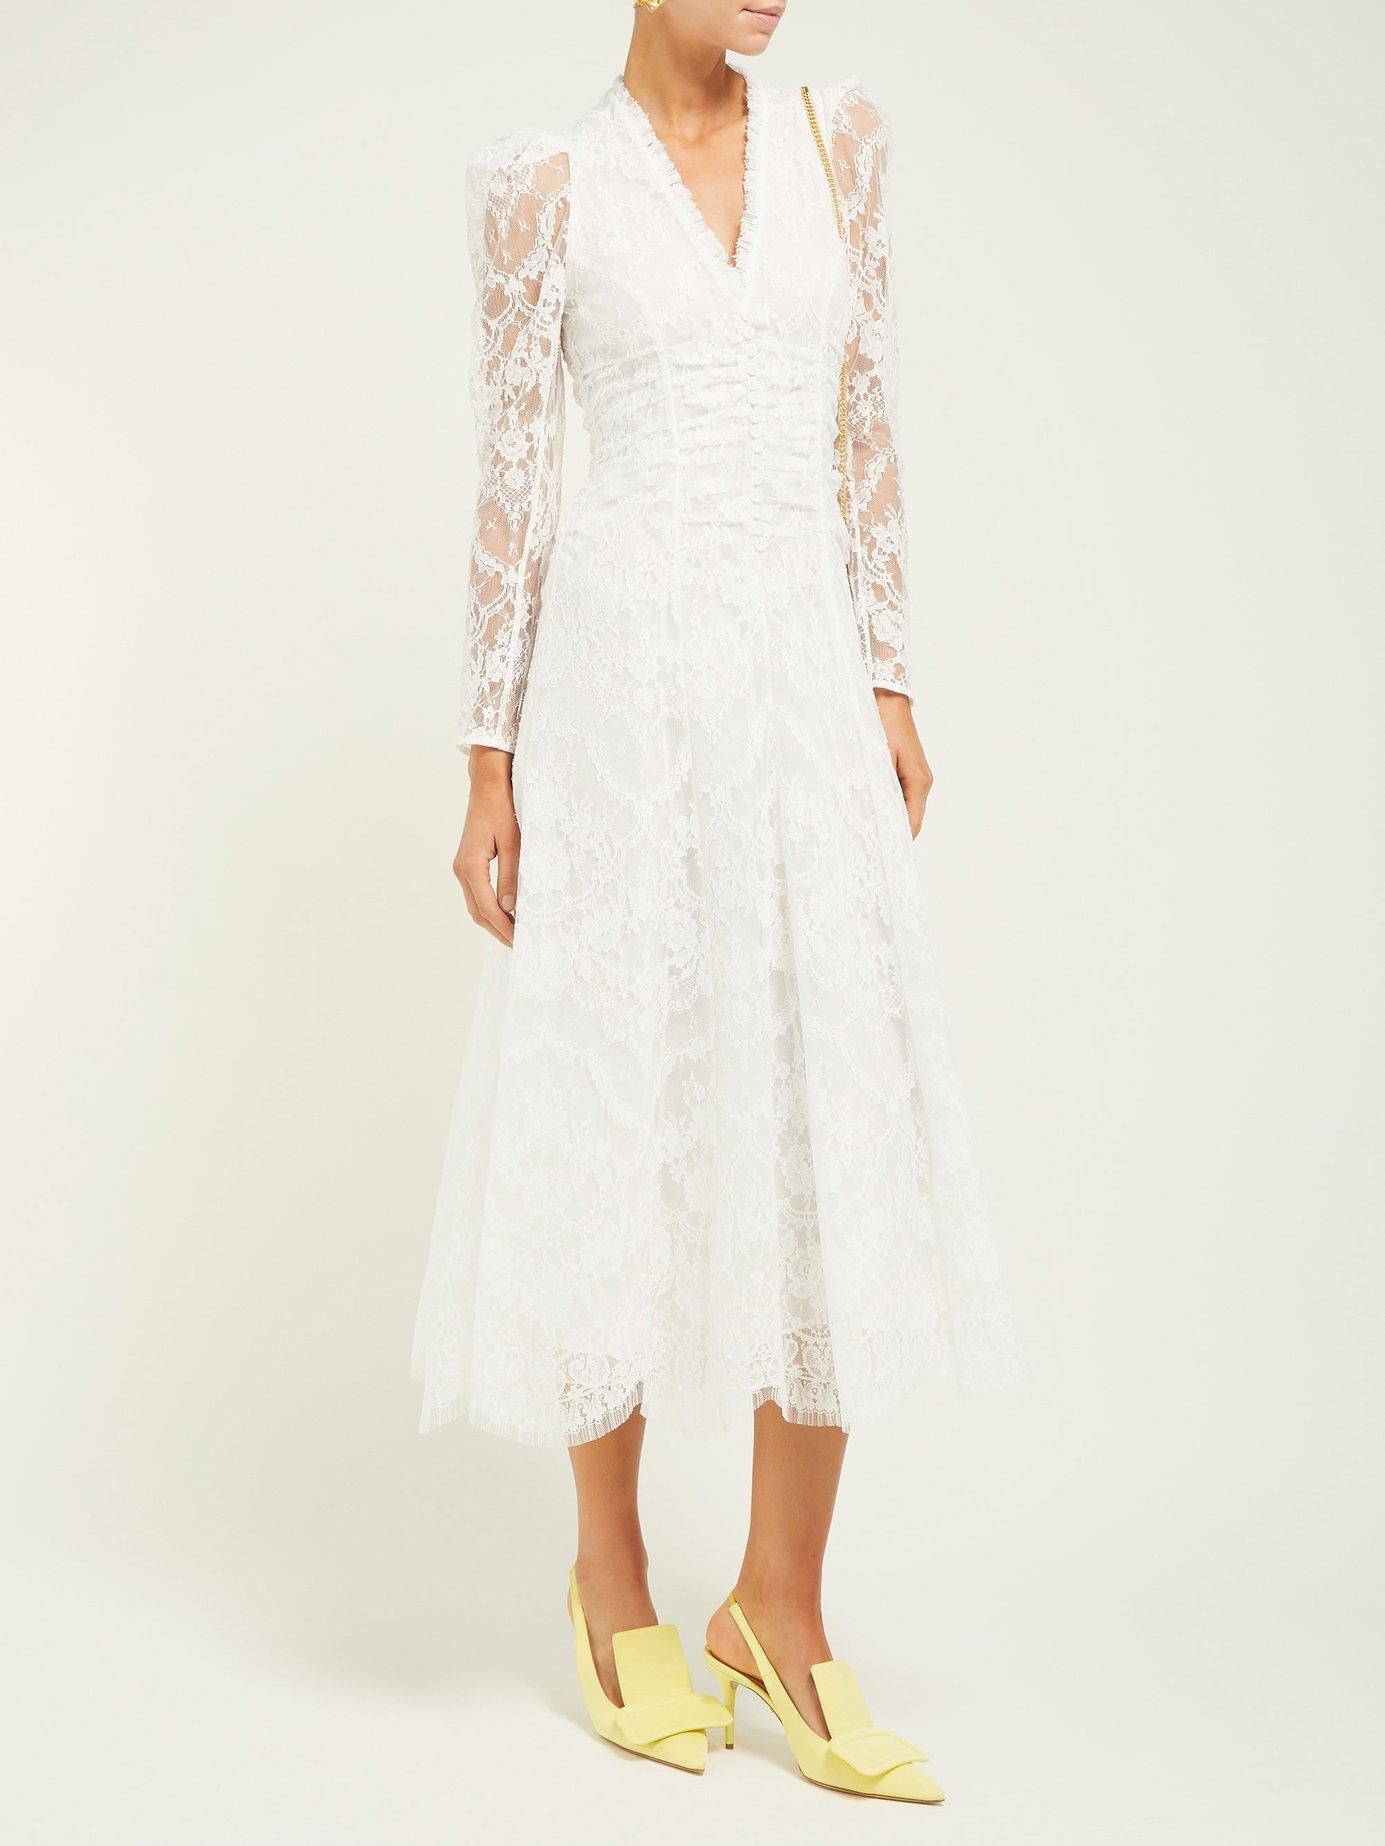 1ddb1f3b2 Annalee cottonblend Chantillylace gown Erdem Fashion in 2019